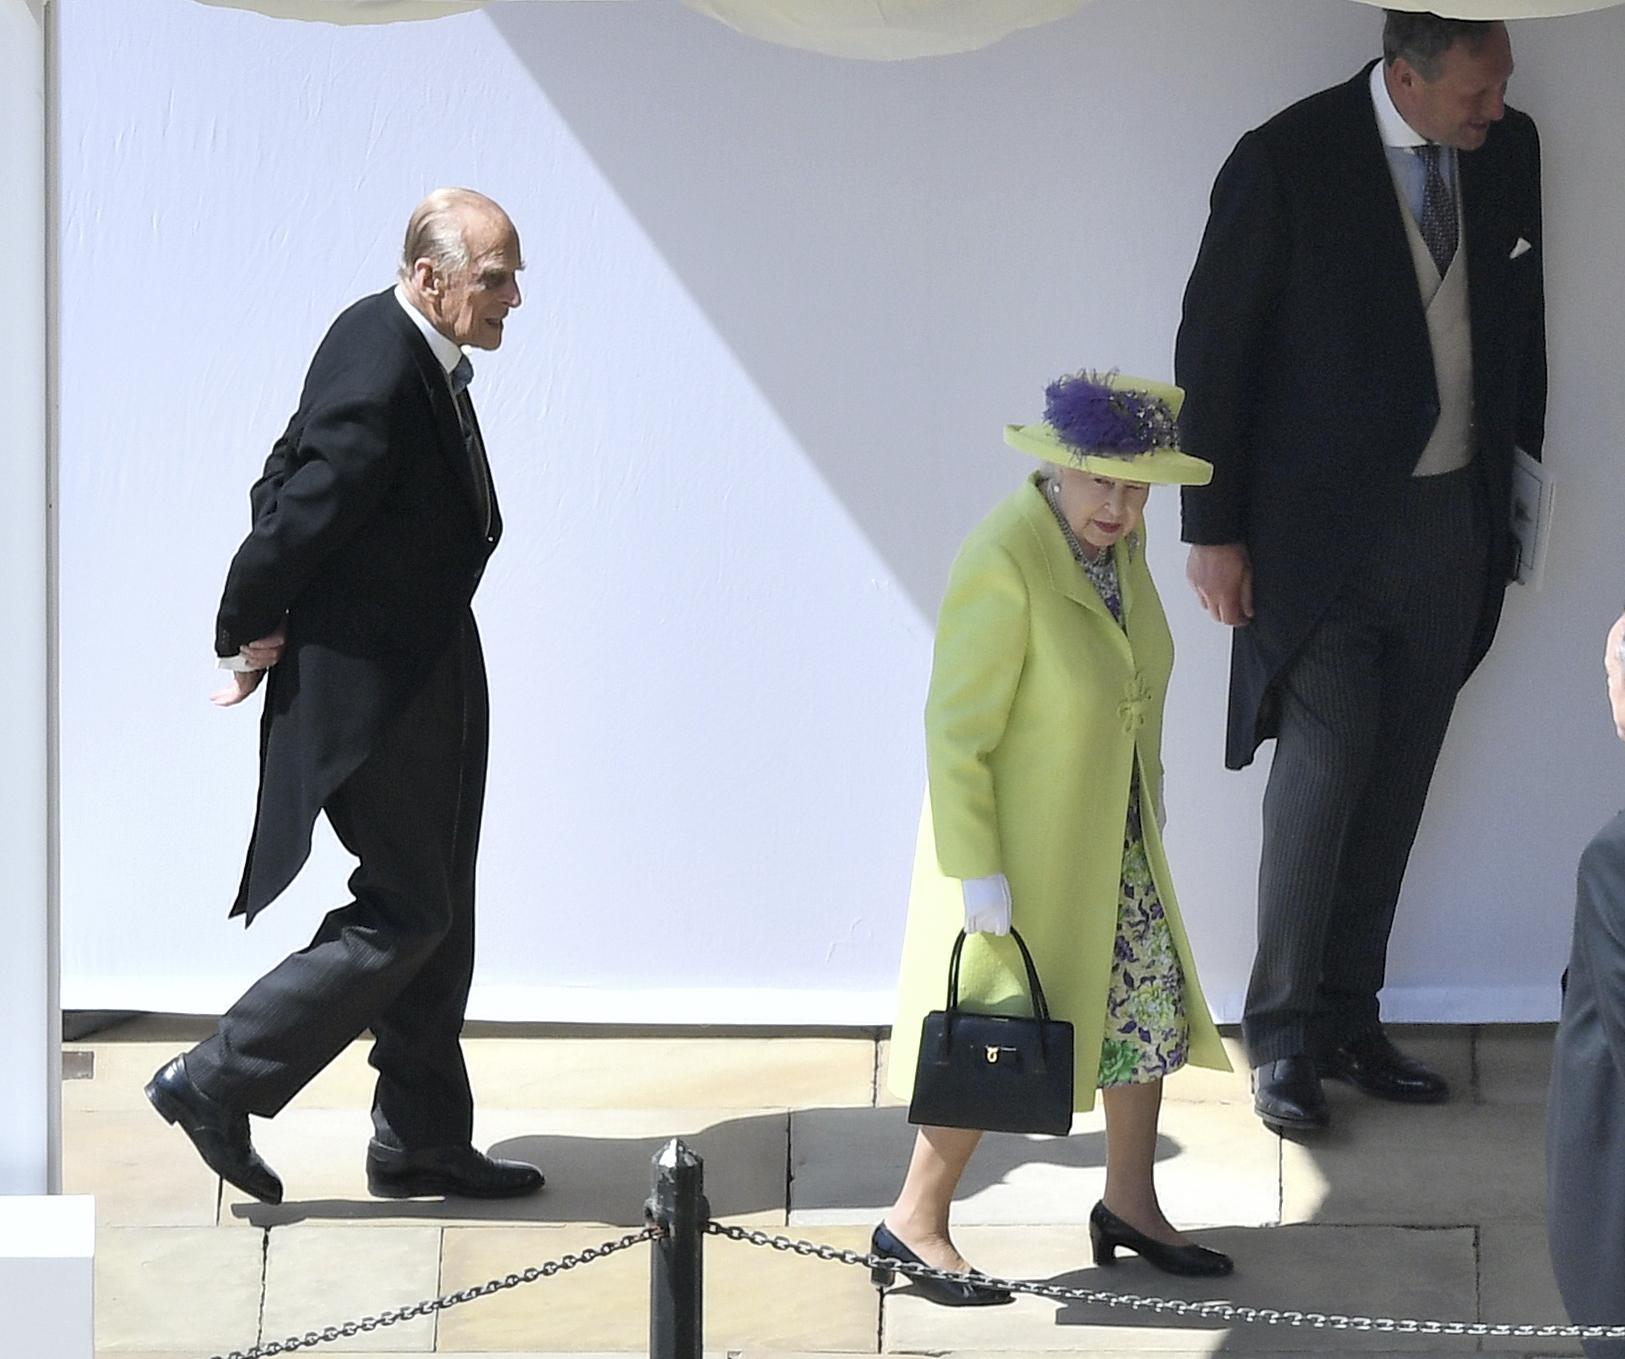 엘리자비스 2세 여왕과 남편 필립 공. 필립 공은 여왕보다 몇 걸음 뒤에서 걸어가고 있다. [AP=연합뉴스]